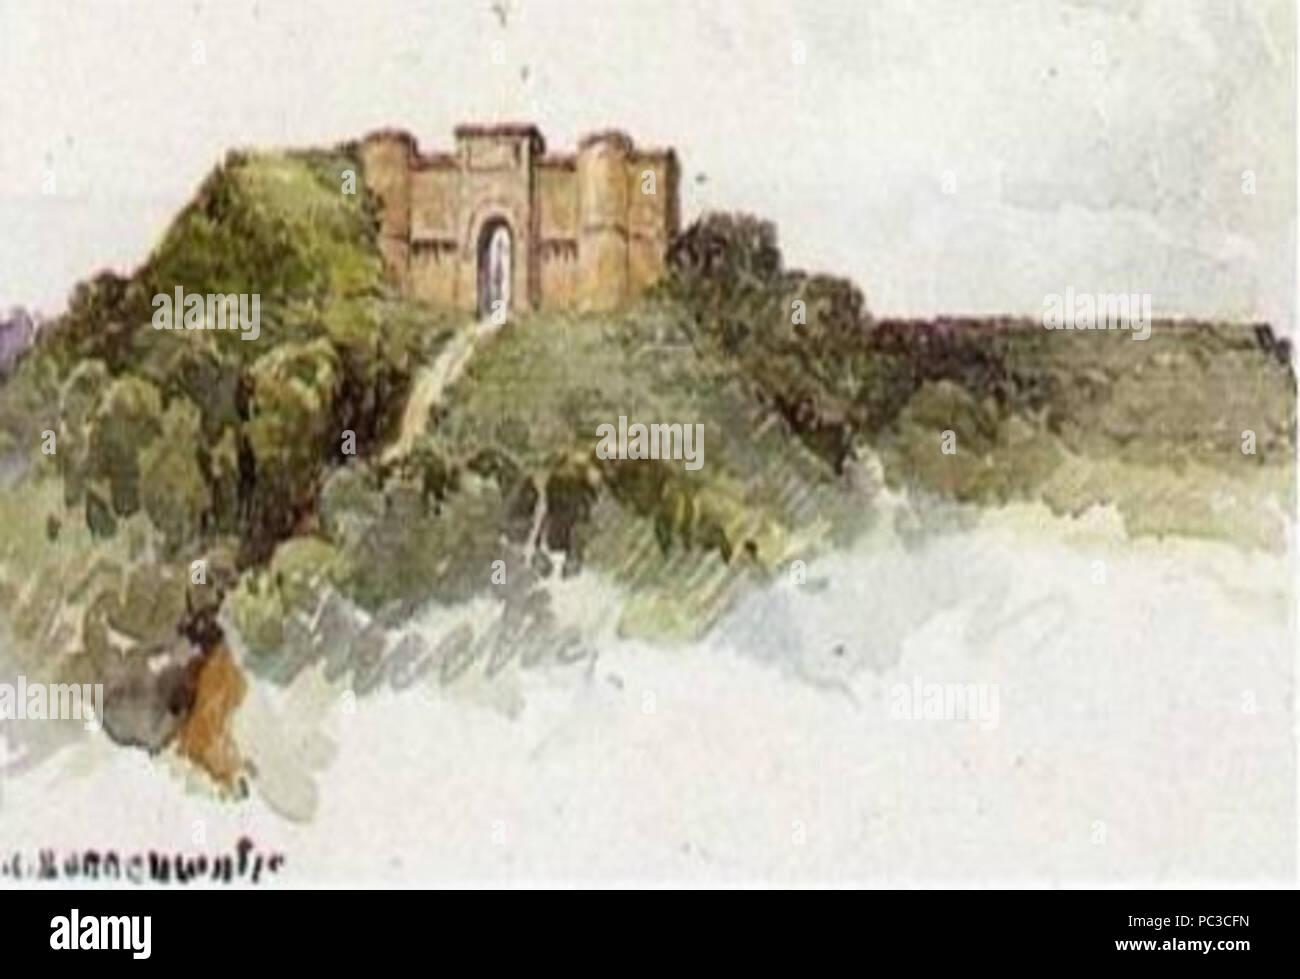 505 Puerta fortificada del Fuerte Agüi, 1911 - Stock Image